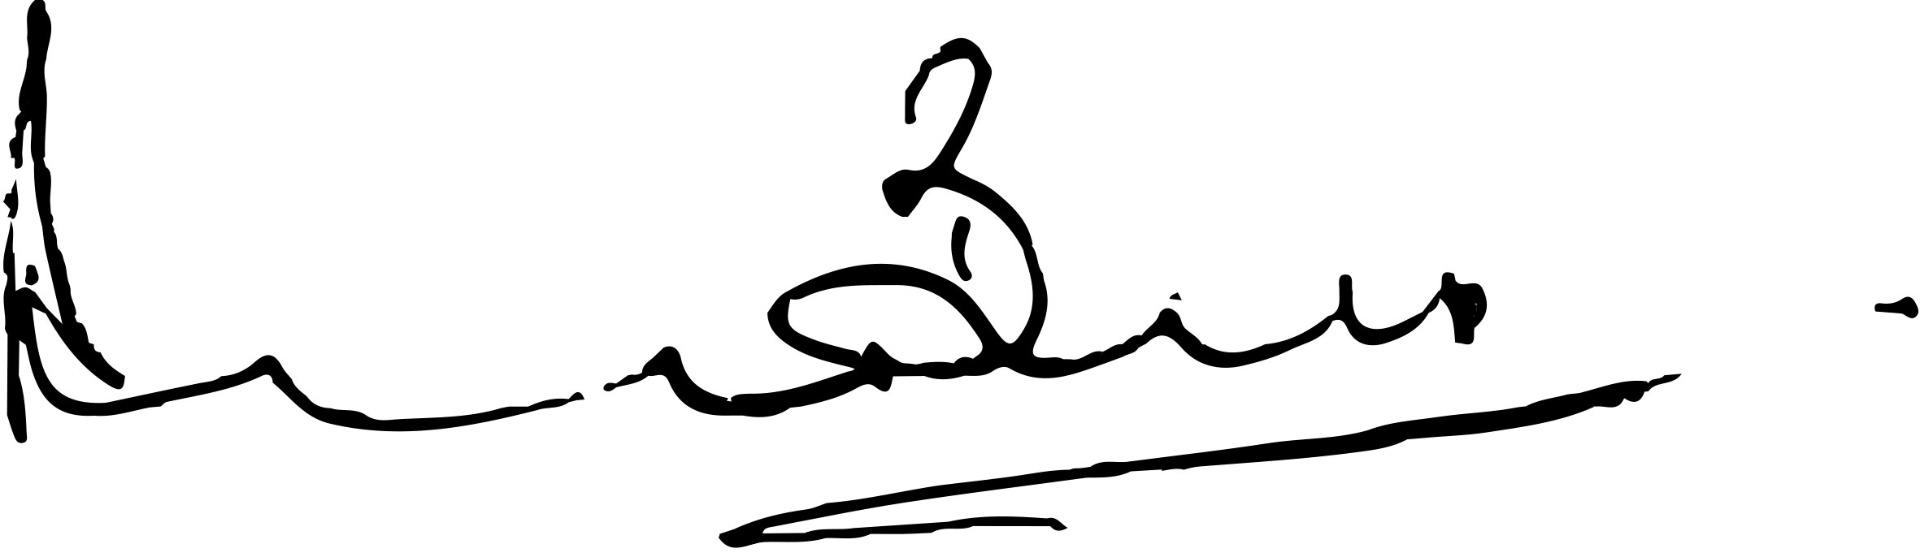 derek bell signature